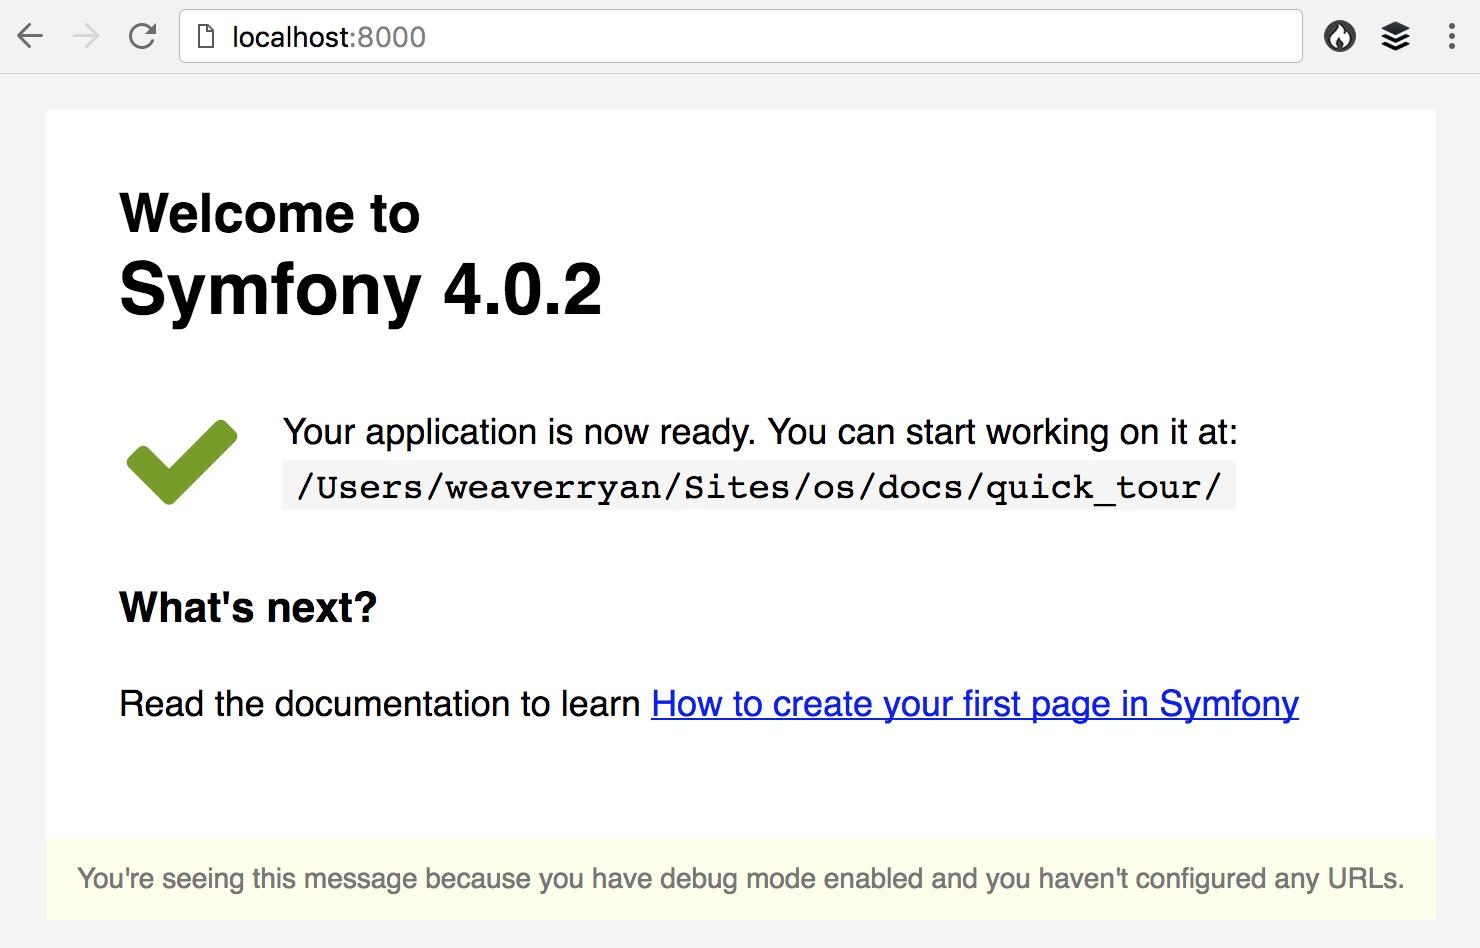 La página de bienvenida en Symfony 4.3 y las versiones anteriores